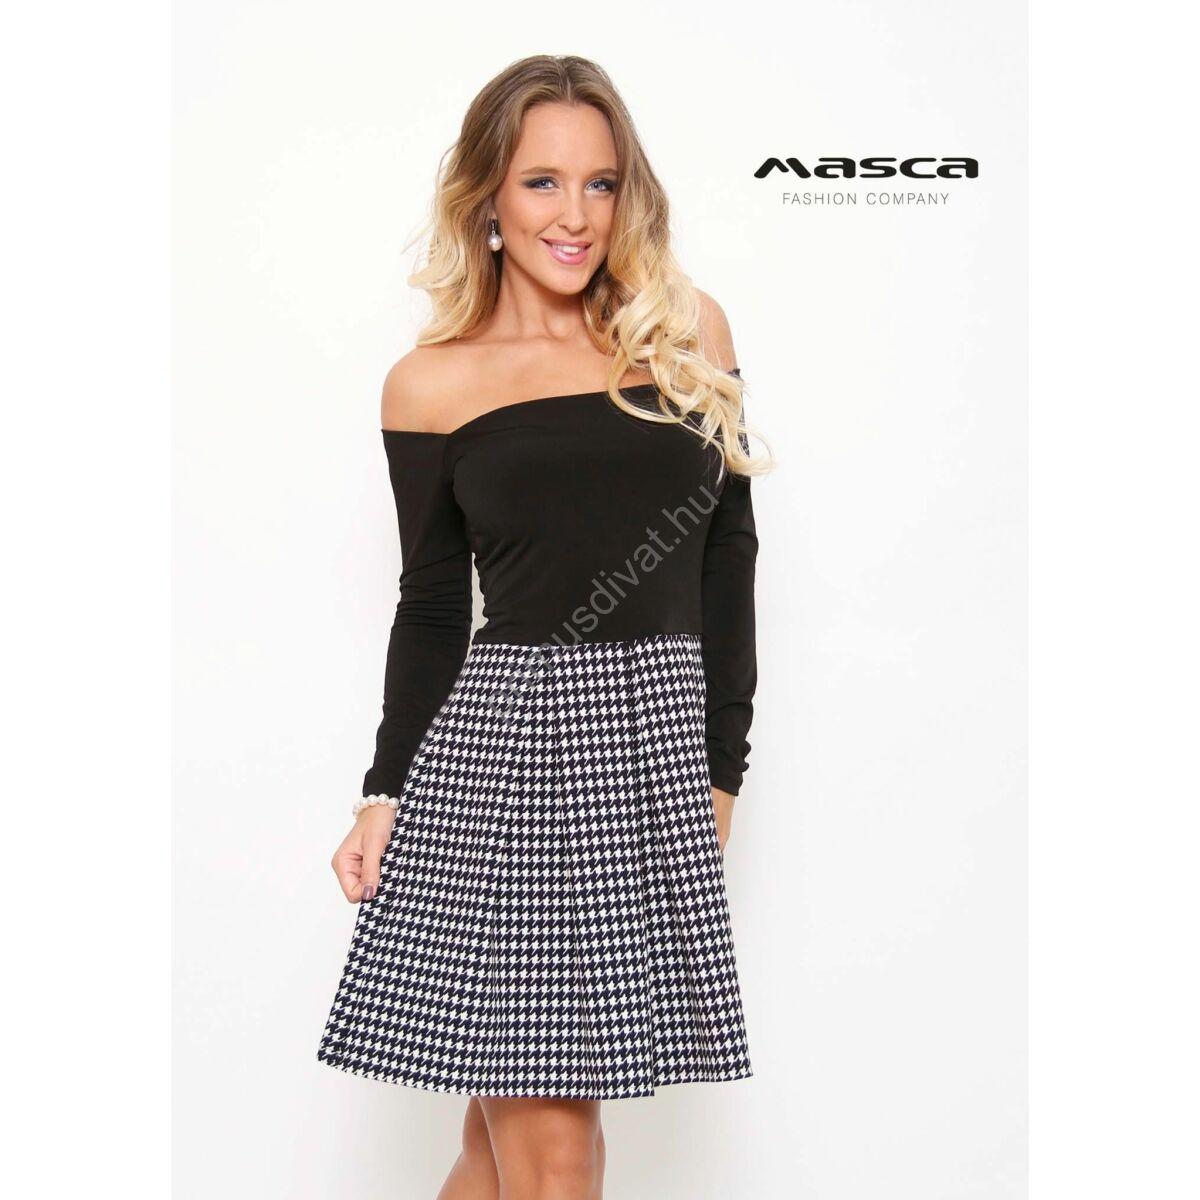 62837fffb Masca Fashion váll nélküli hosszú ujjú fekete felsőrészű, tyúklábmintás  loknis miniruha - Mf829-44